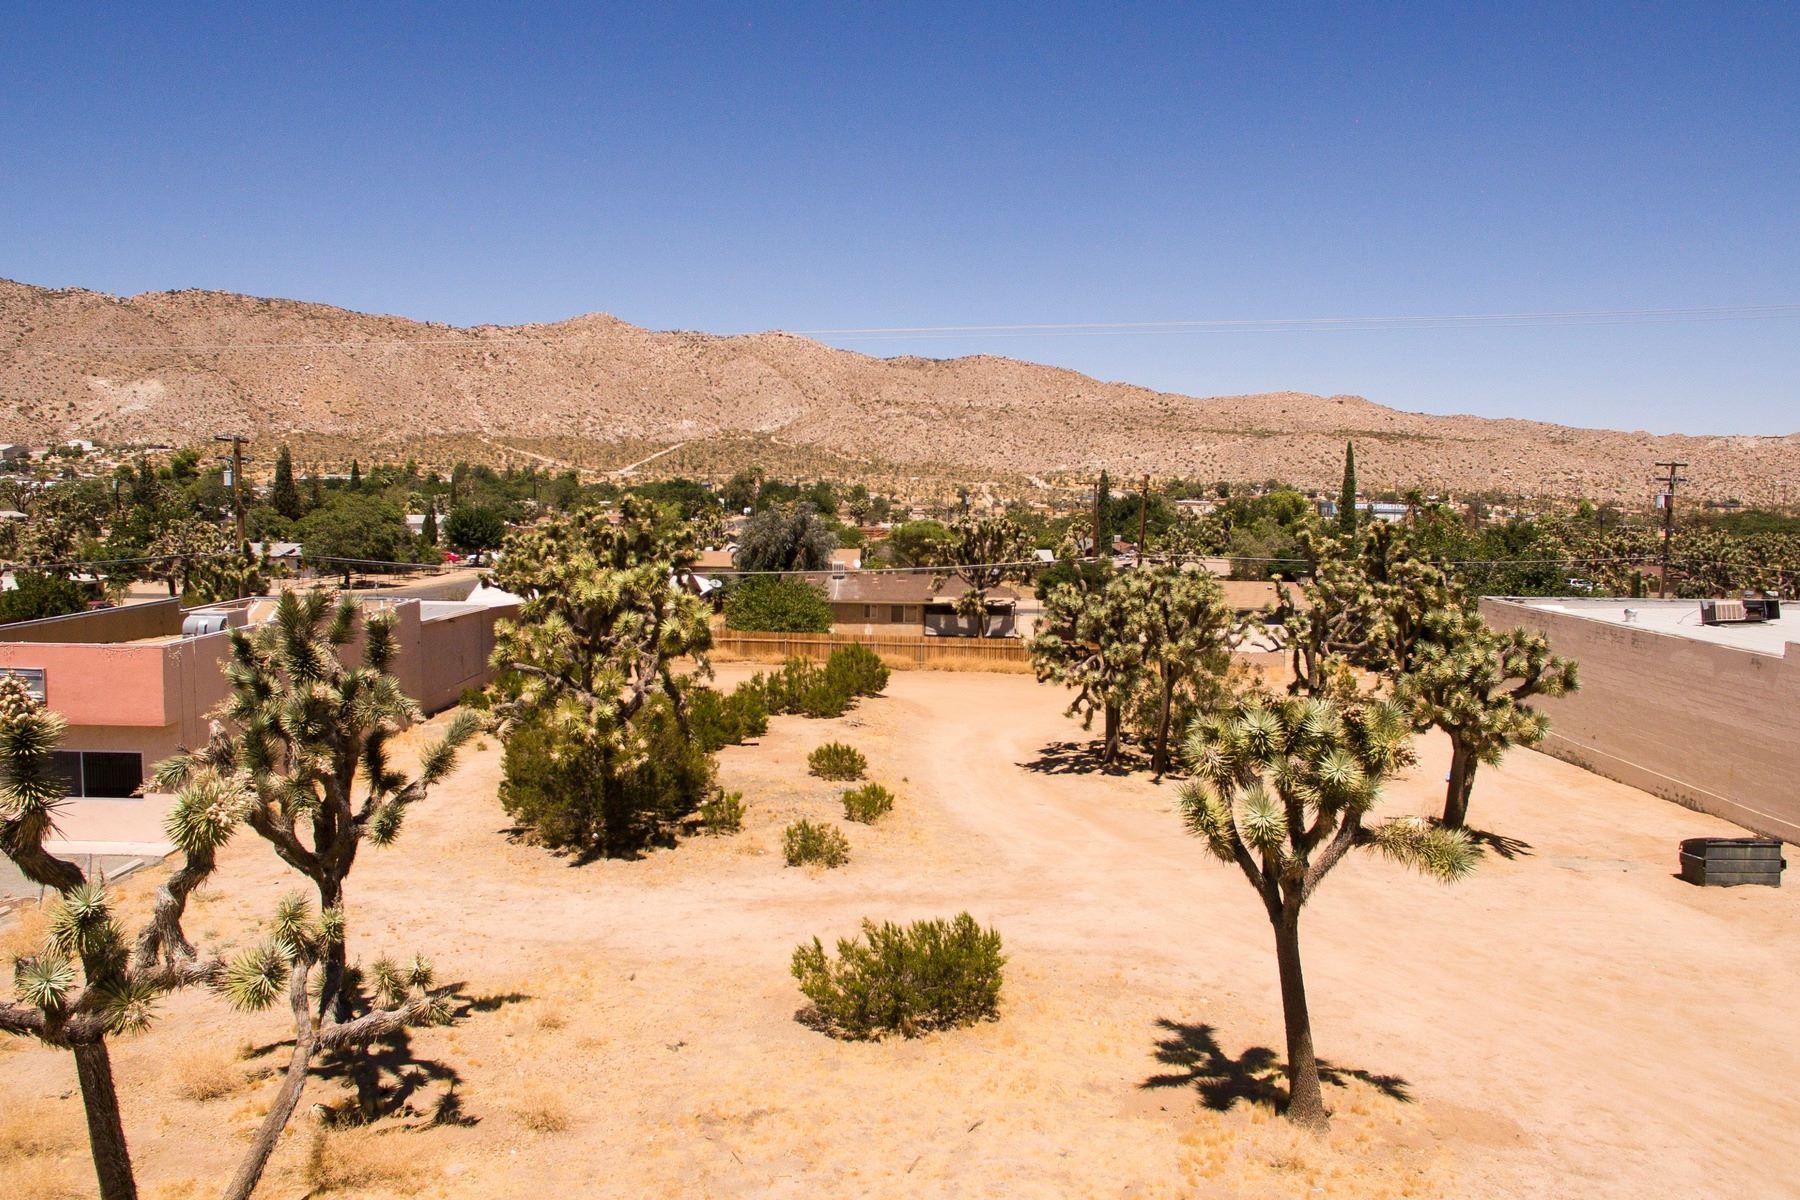 土地,用地 为 销售 在 0 Twentynine Palms Highway Yucca Valley, 加利福尼亚州 92284 美国